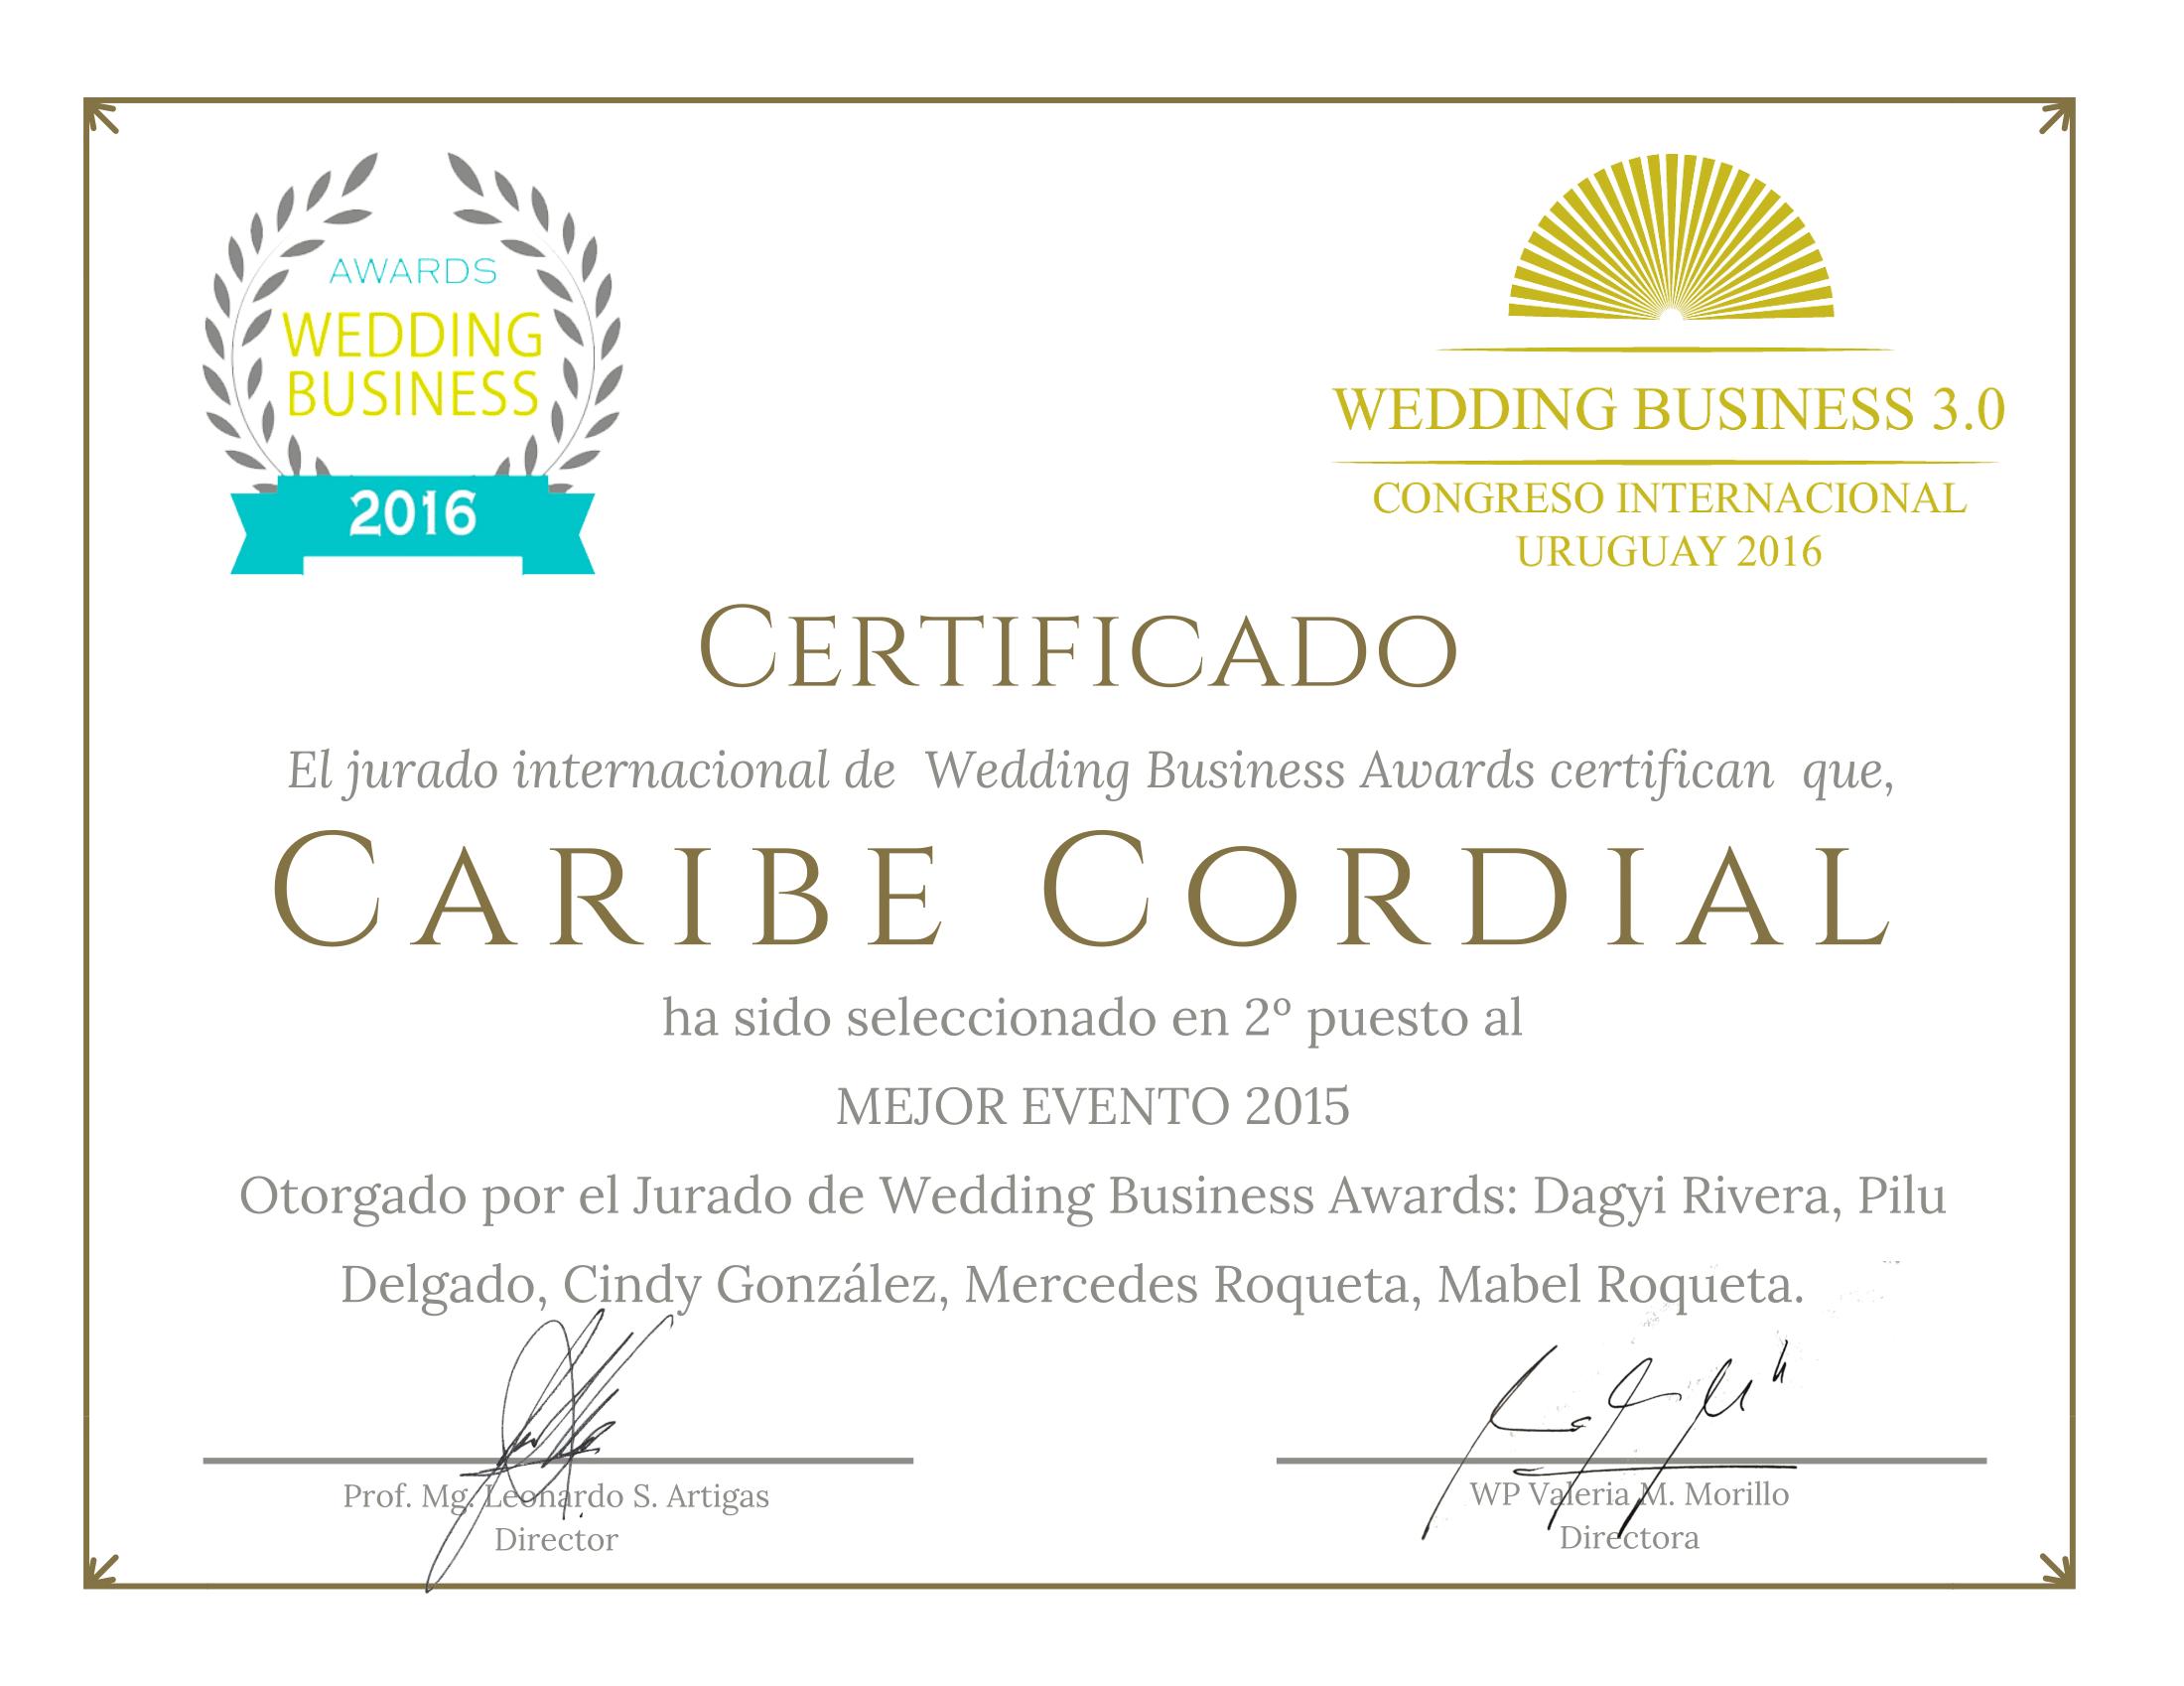 caribe-cordial-bodas-cartagena-eventos-business